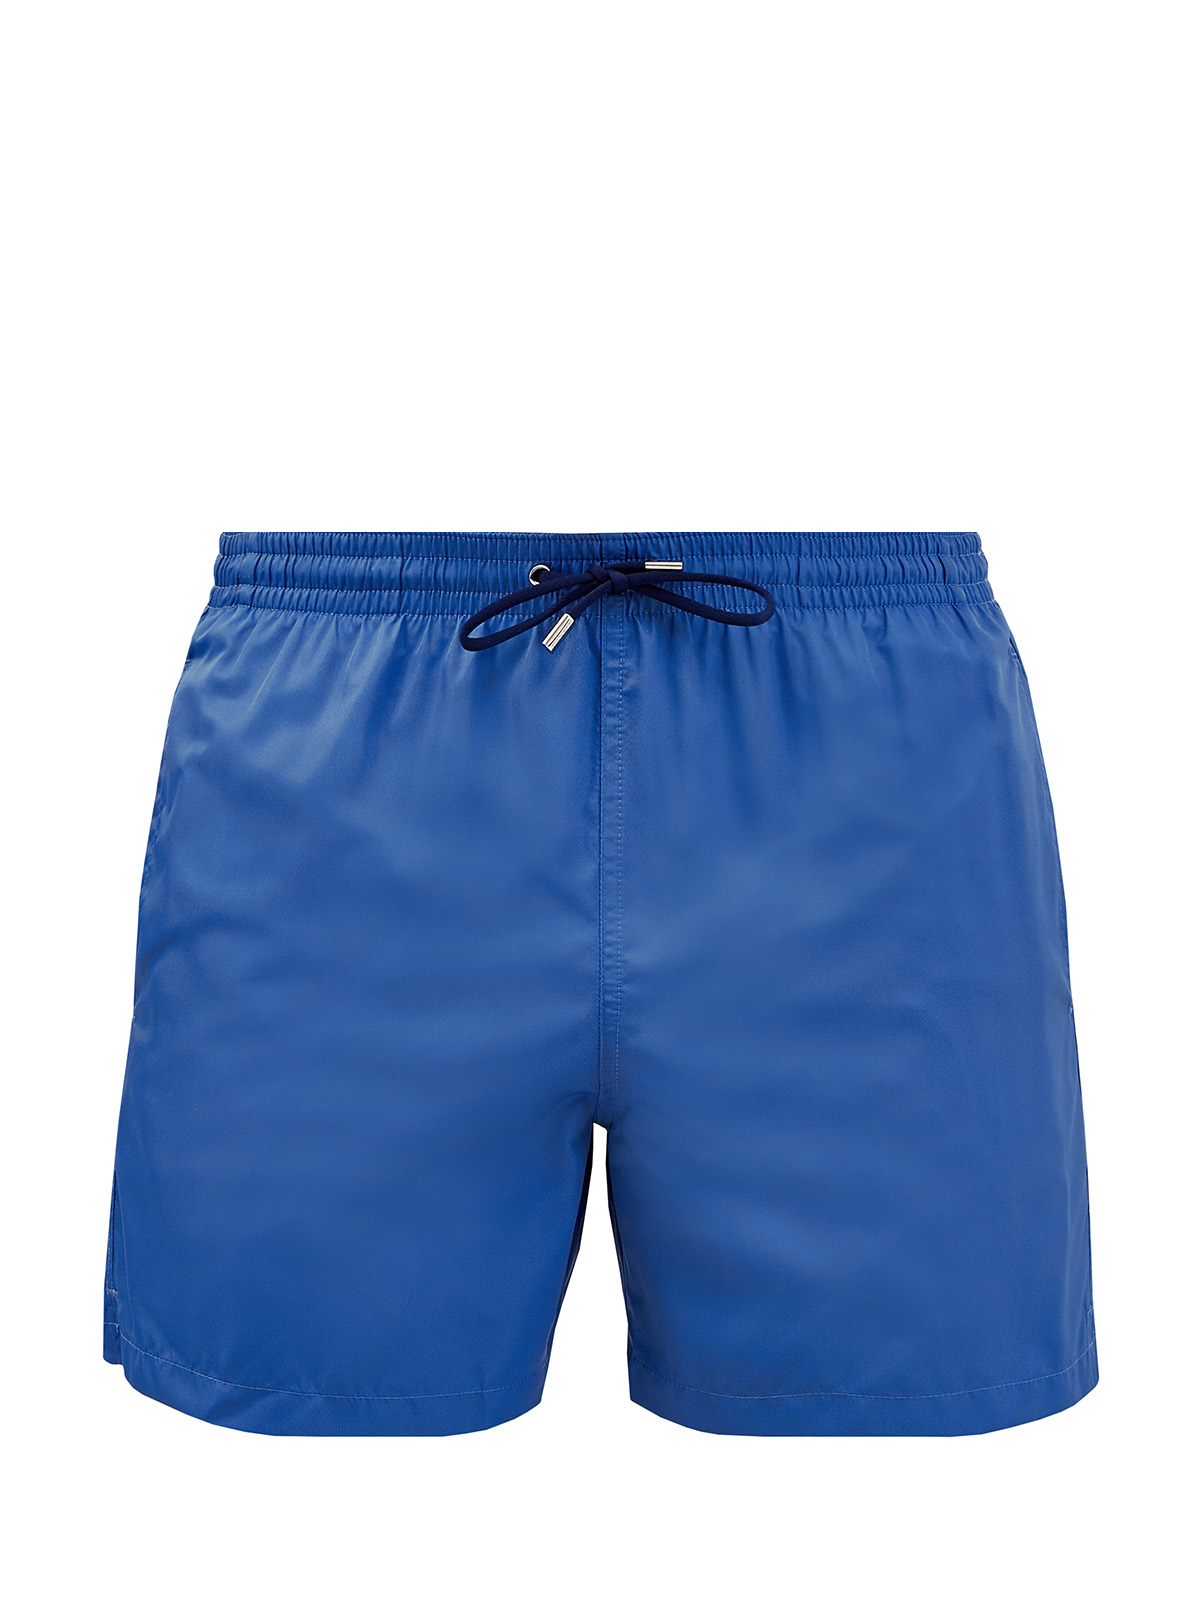 Однотонные плавательные шорты из гладкой ткани